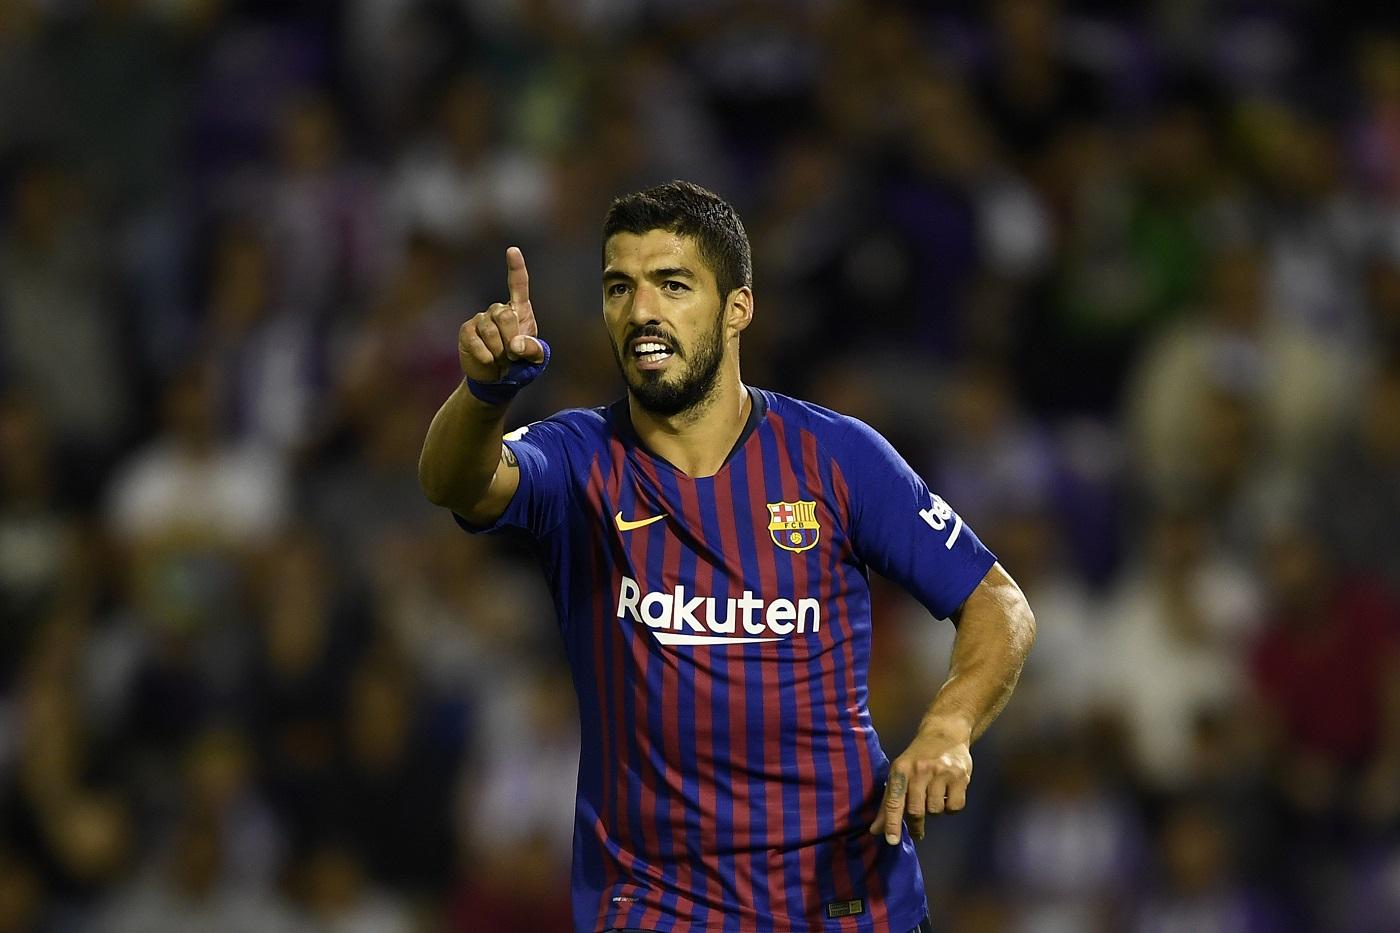 Un Barça médiocre assure les trois points à Anoeta (1-2)